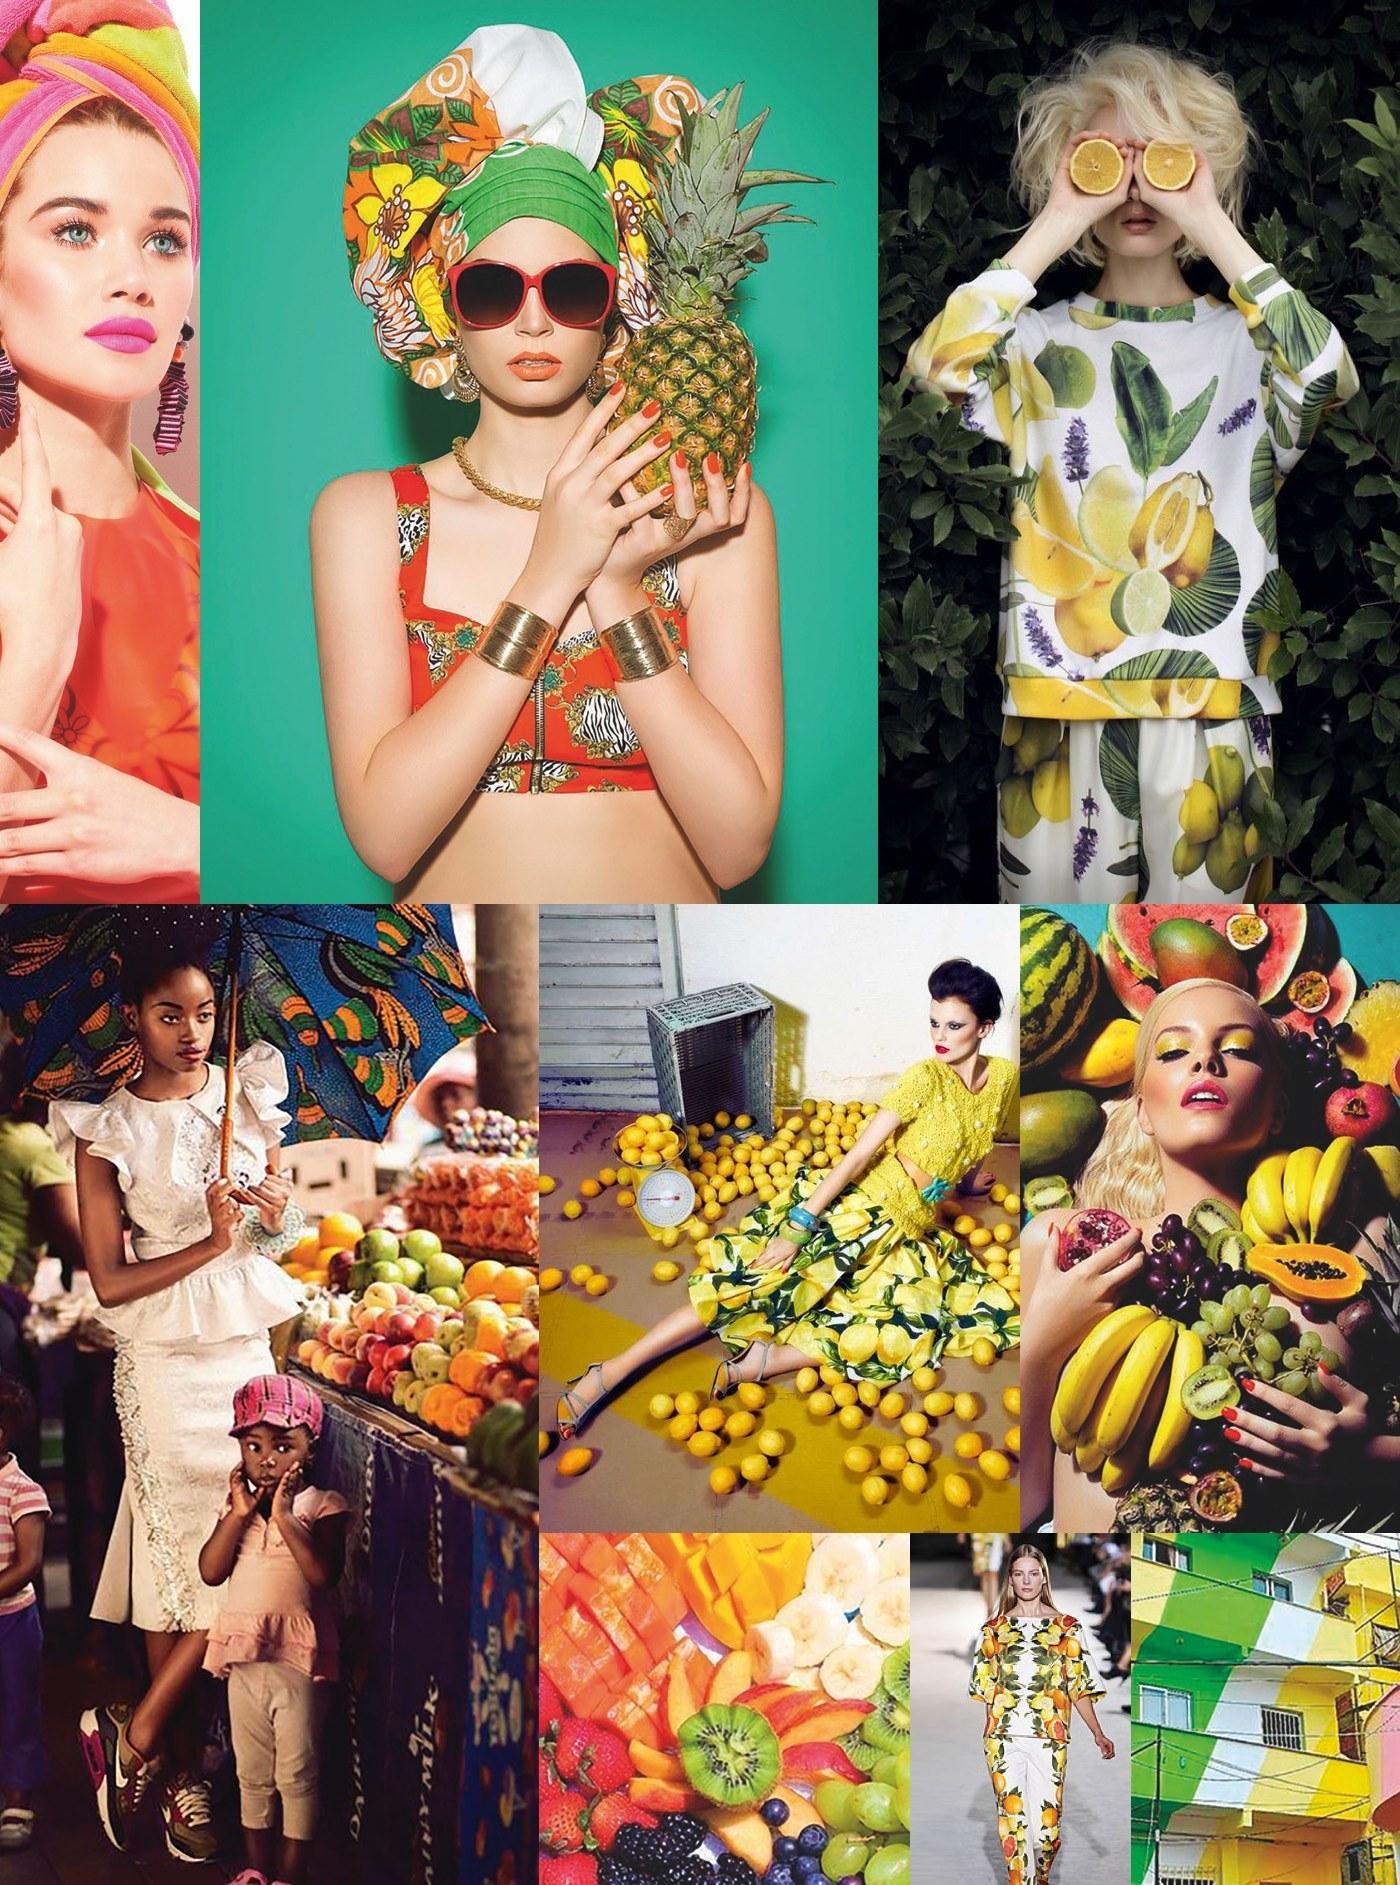 fresh-fruit-festival_inspiration